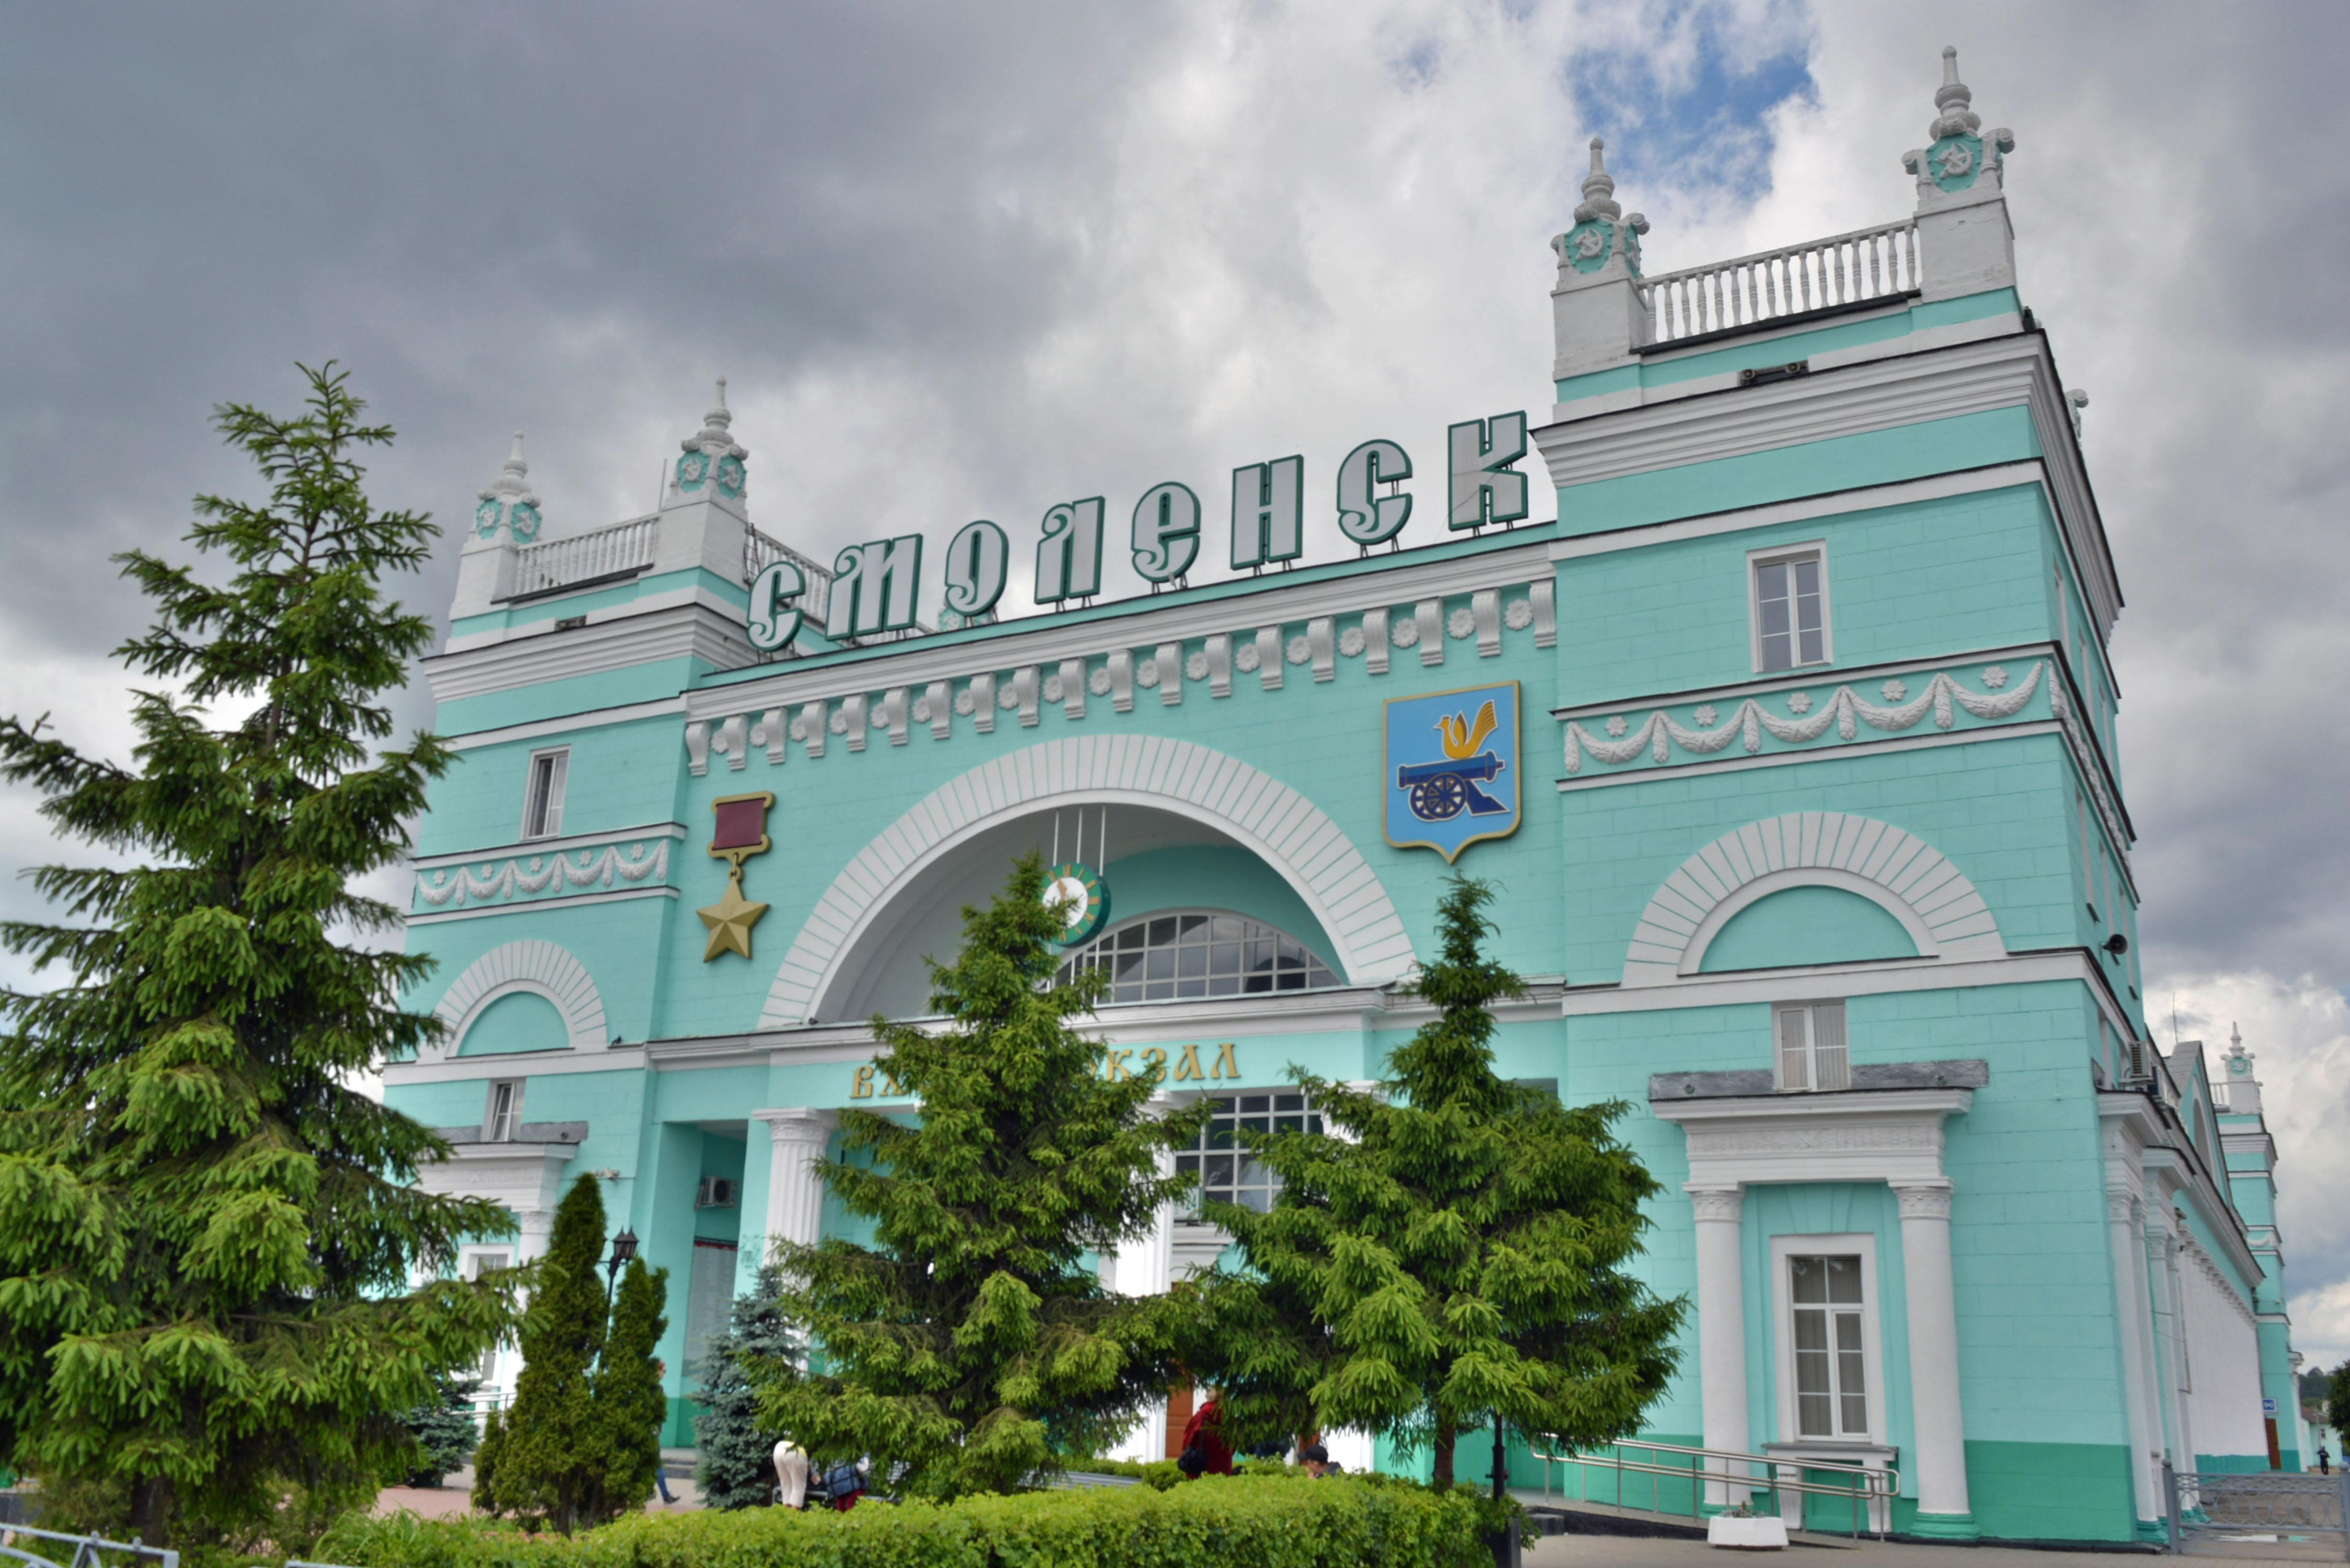 Смоленск — древний щит России